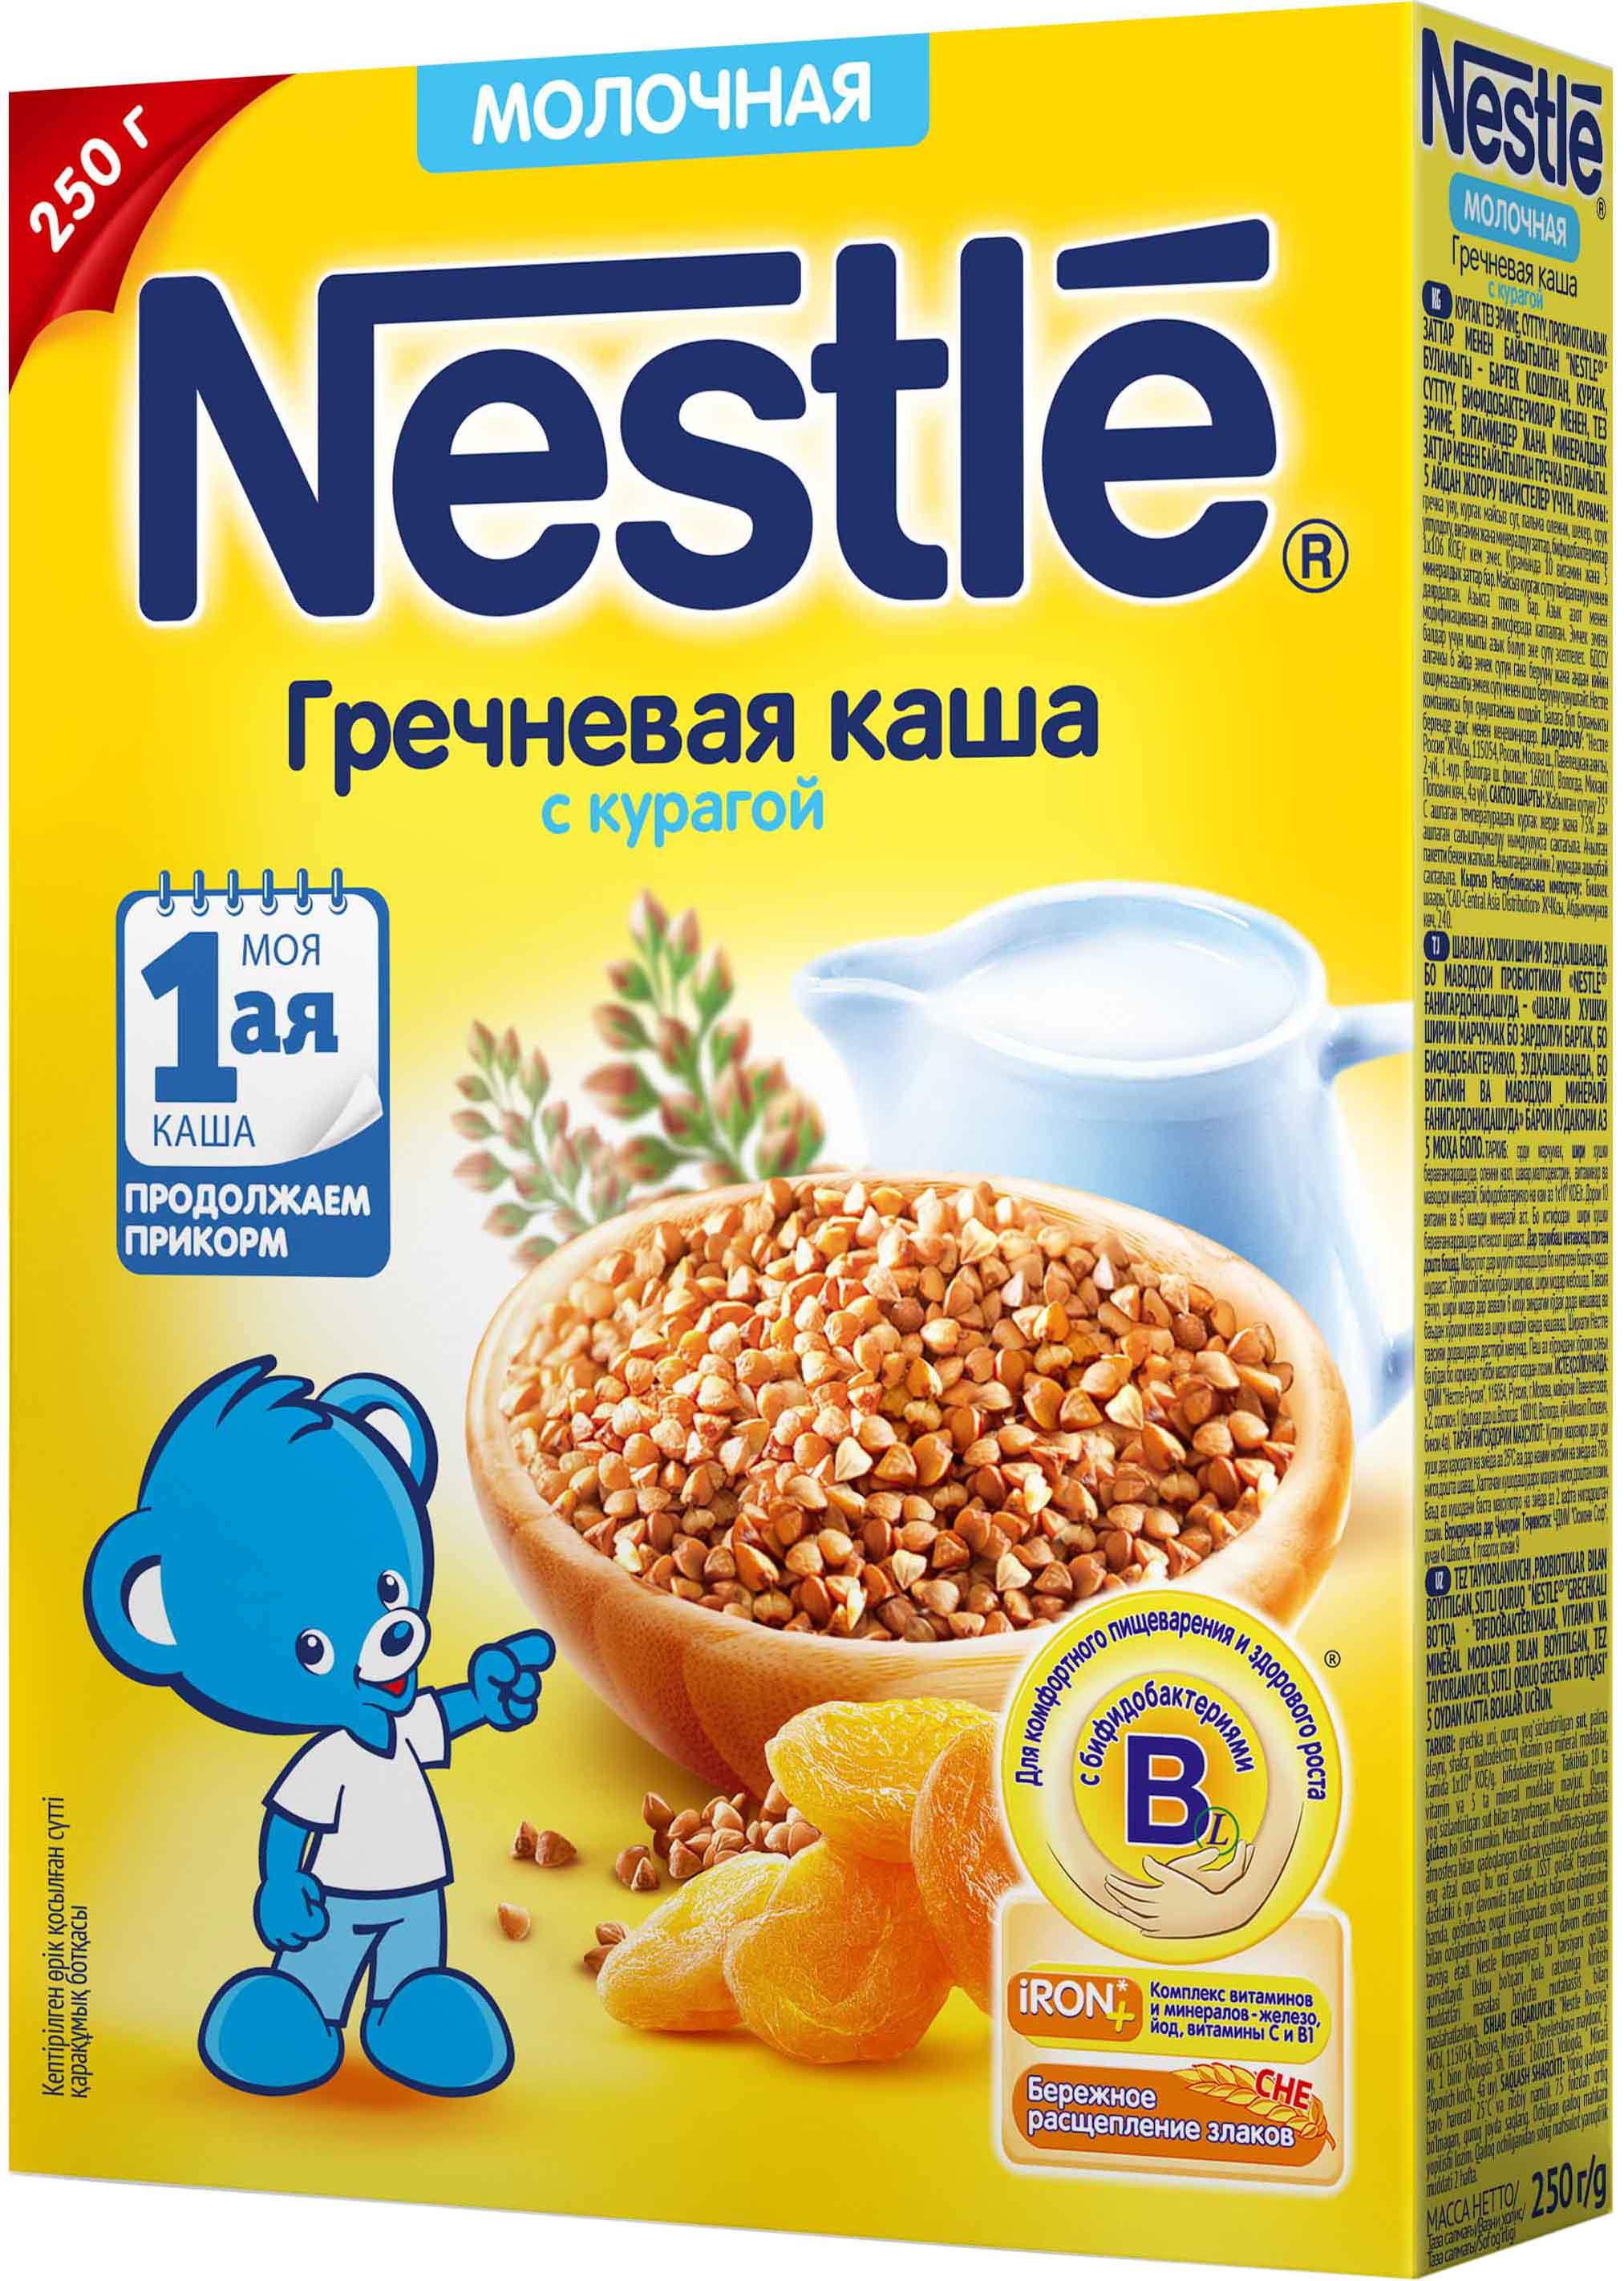 Каша Nestle Nestlé Молочная гречневая с курагой (с 5 месяцев) 250 г беллакт каша молочная гречневая с яблоком 250 г